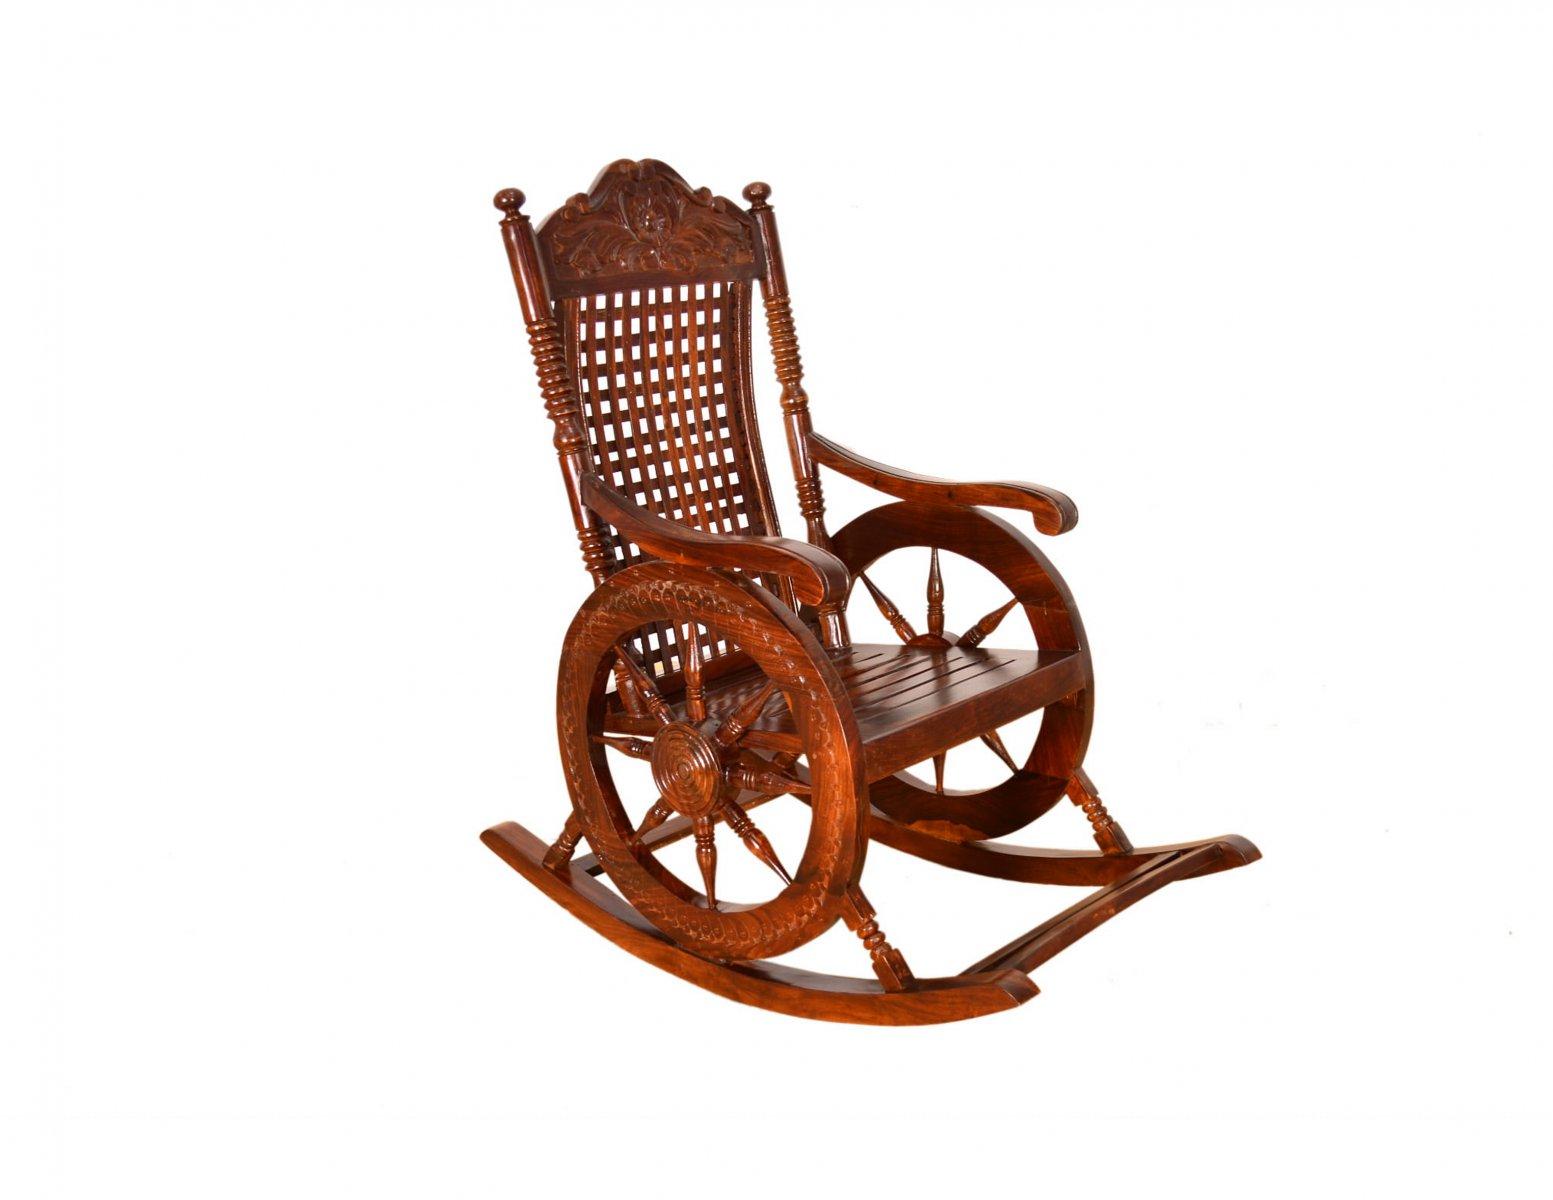 Fotel bujany kolonialny lite drewno palisander indyjski ręcznie wykonany rzeźbiony